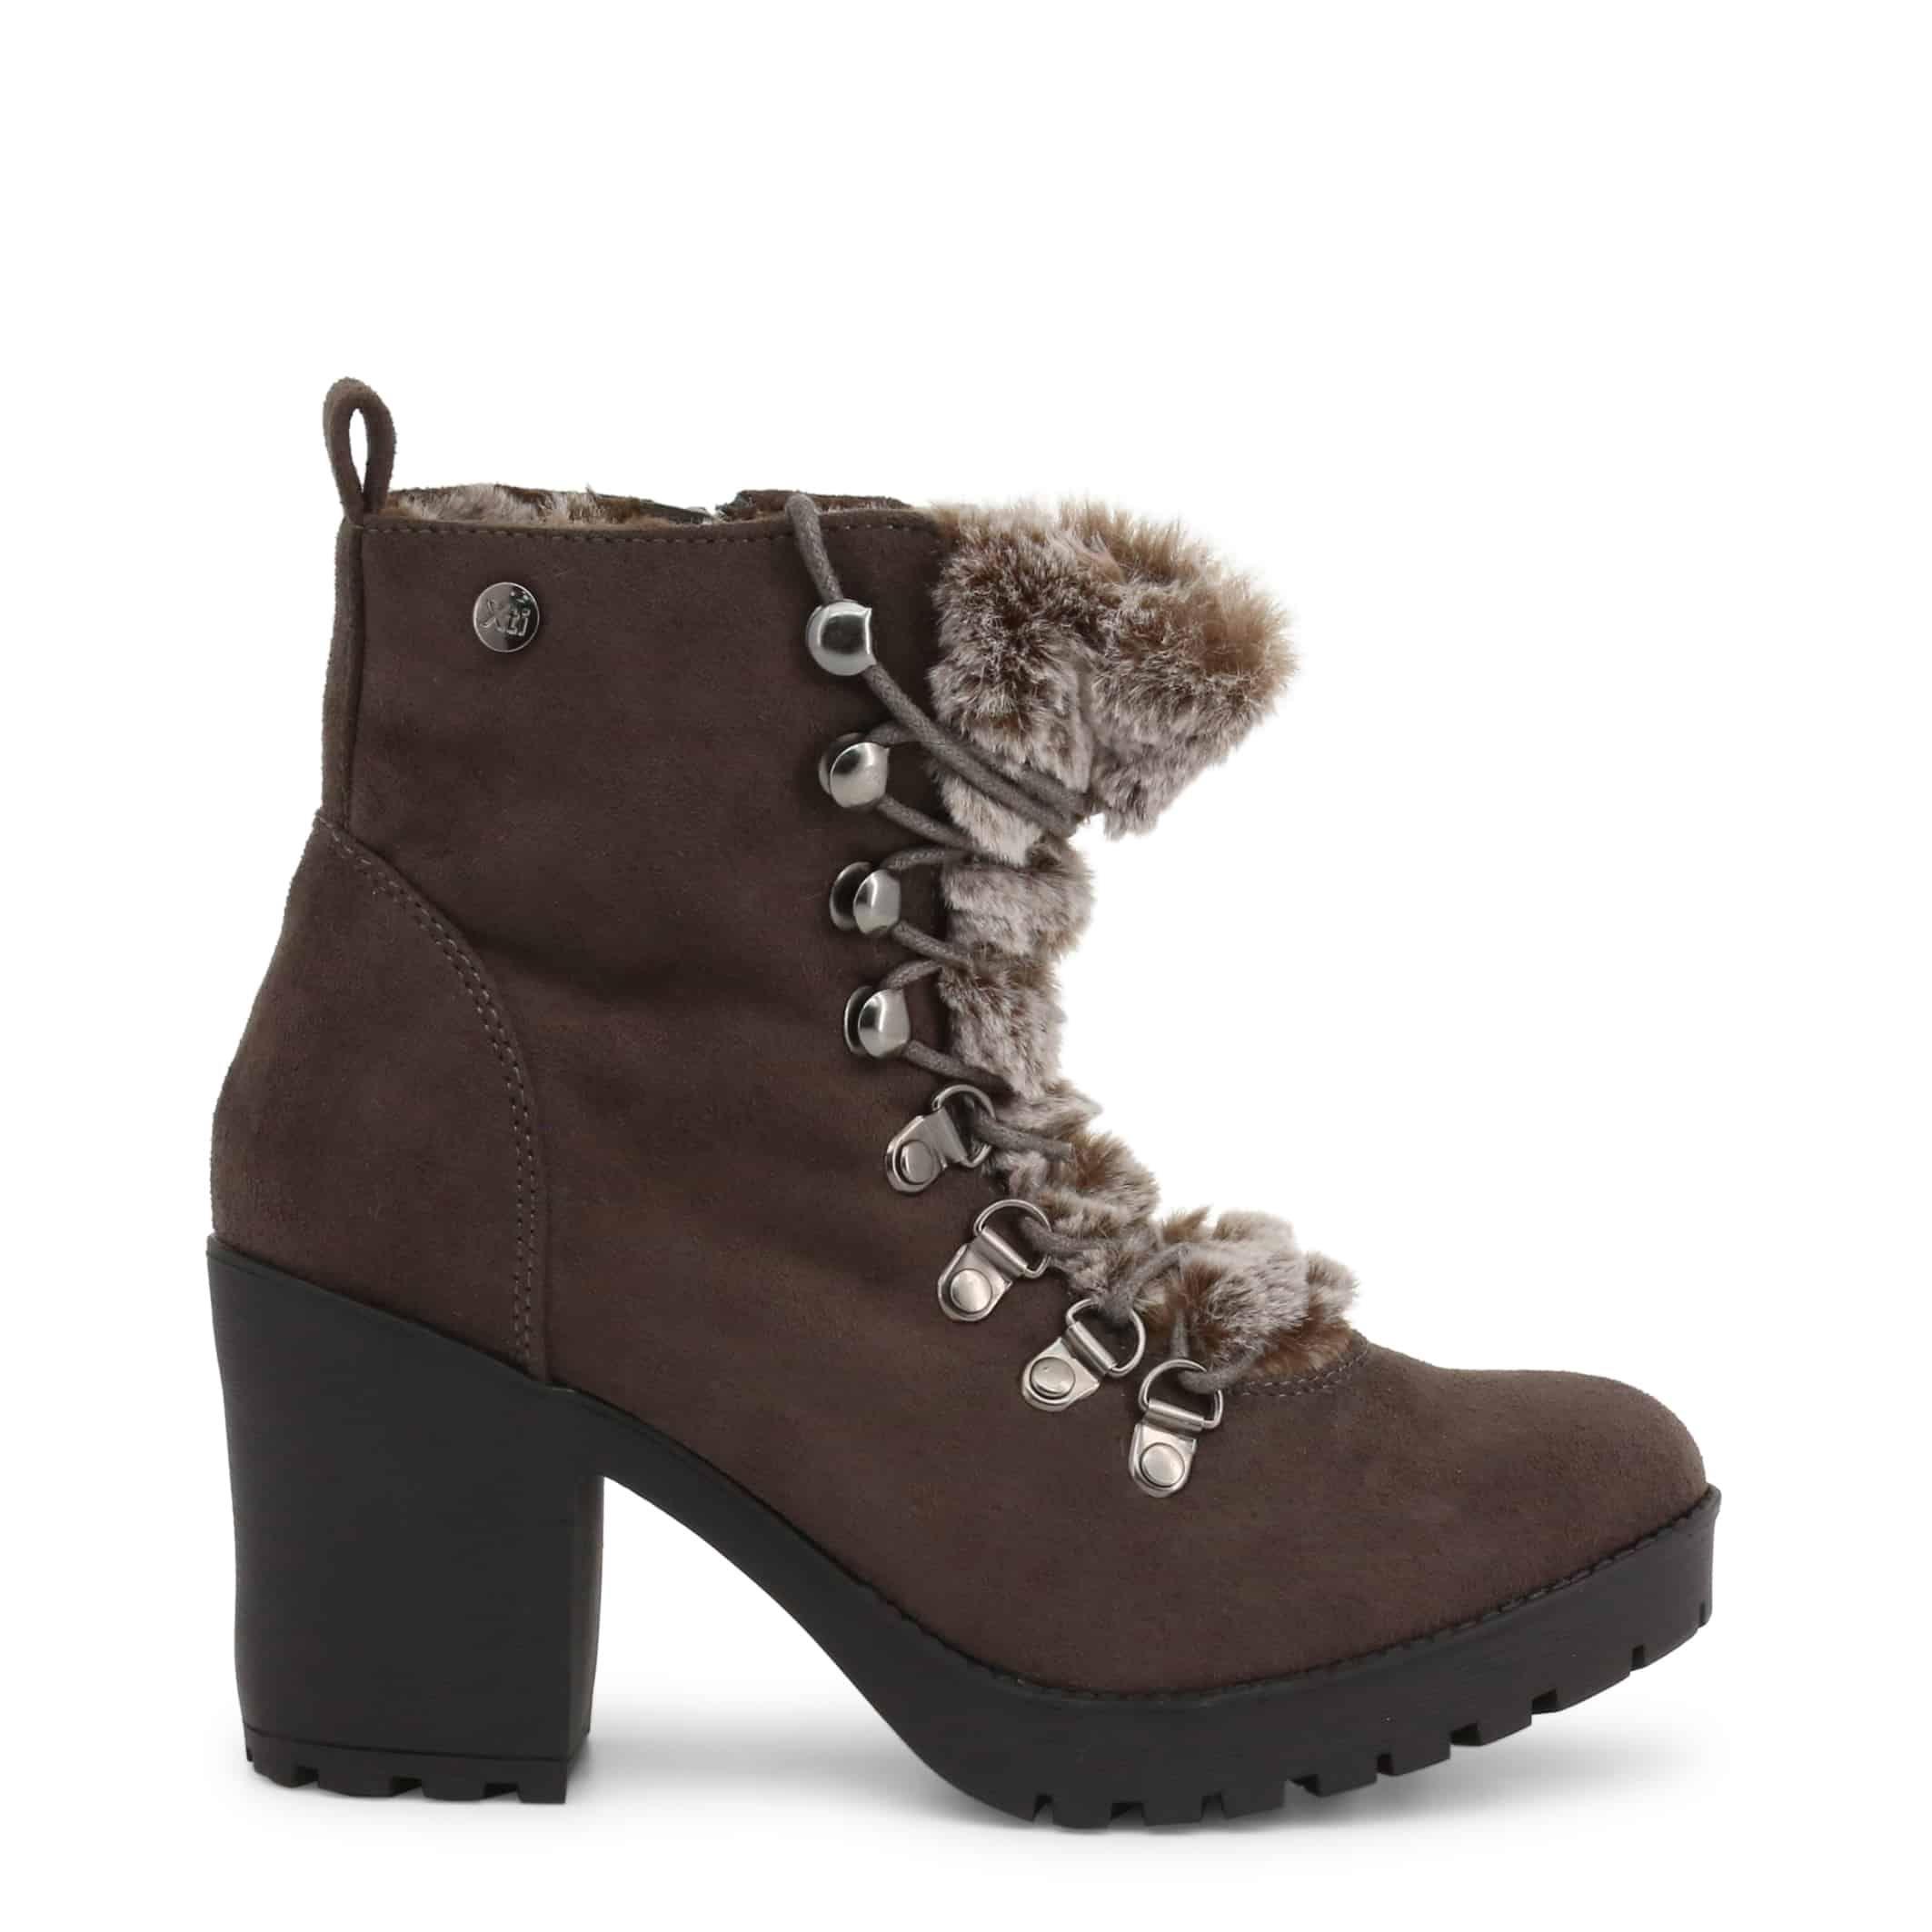 Schuhe UGG – 1016226 – Schwarz